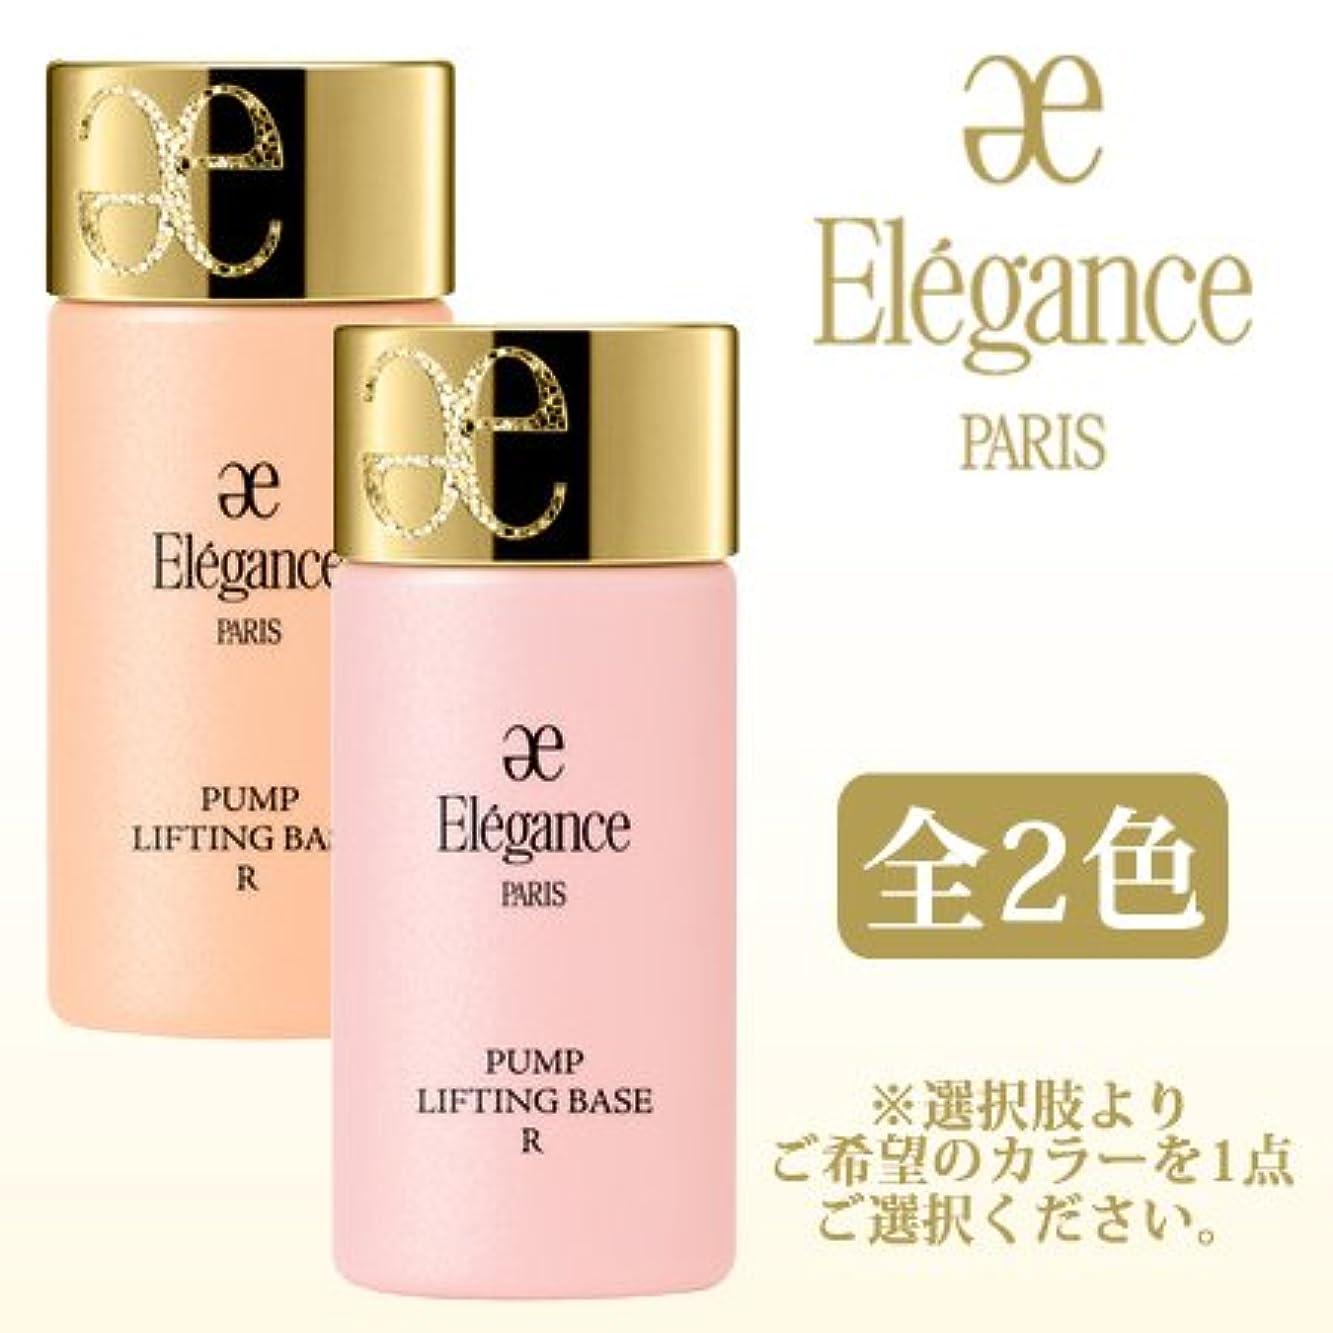 できれば愛する主張するエレガンス パンプリフティング ベース R 30ml-ELEGANCE- BE900